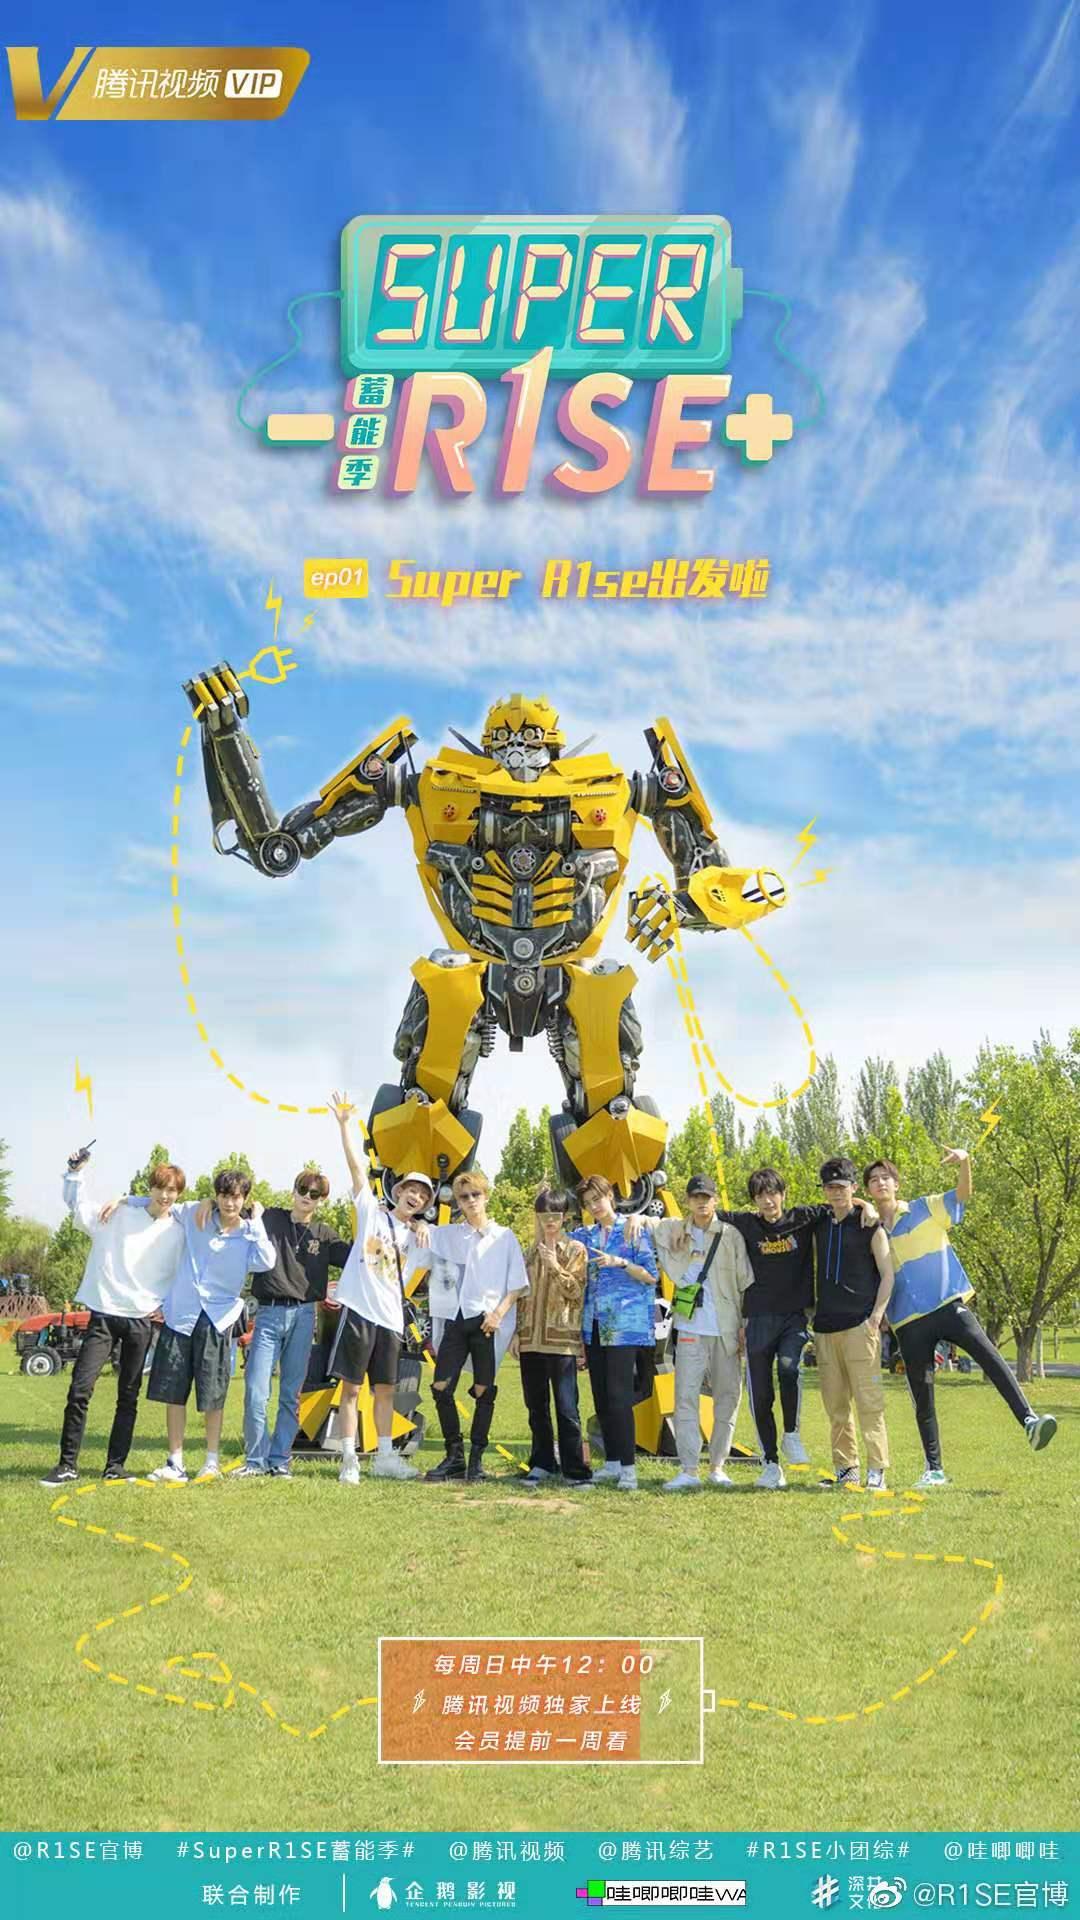 R1SE团综《Super R1SE・蓄能季》上线 房车旅行嗨翻天